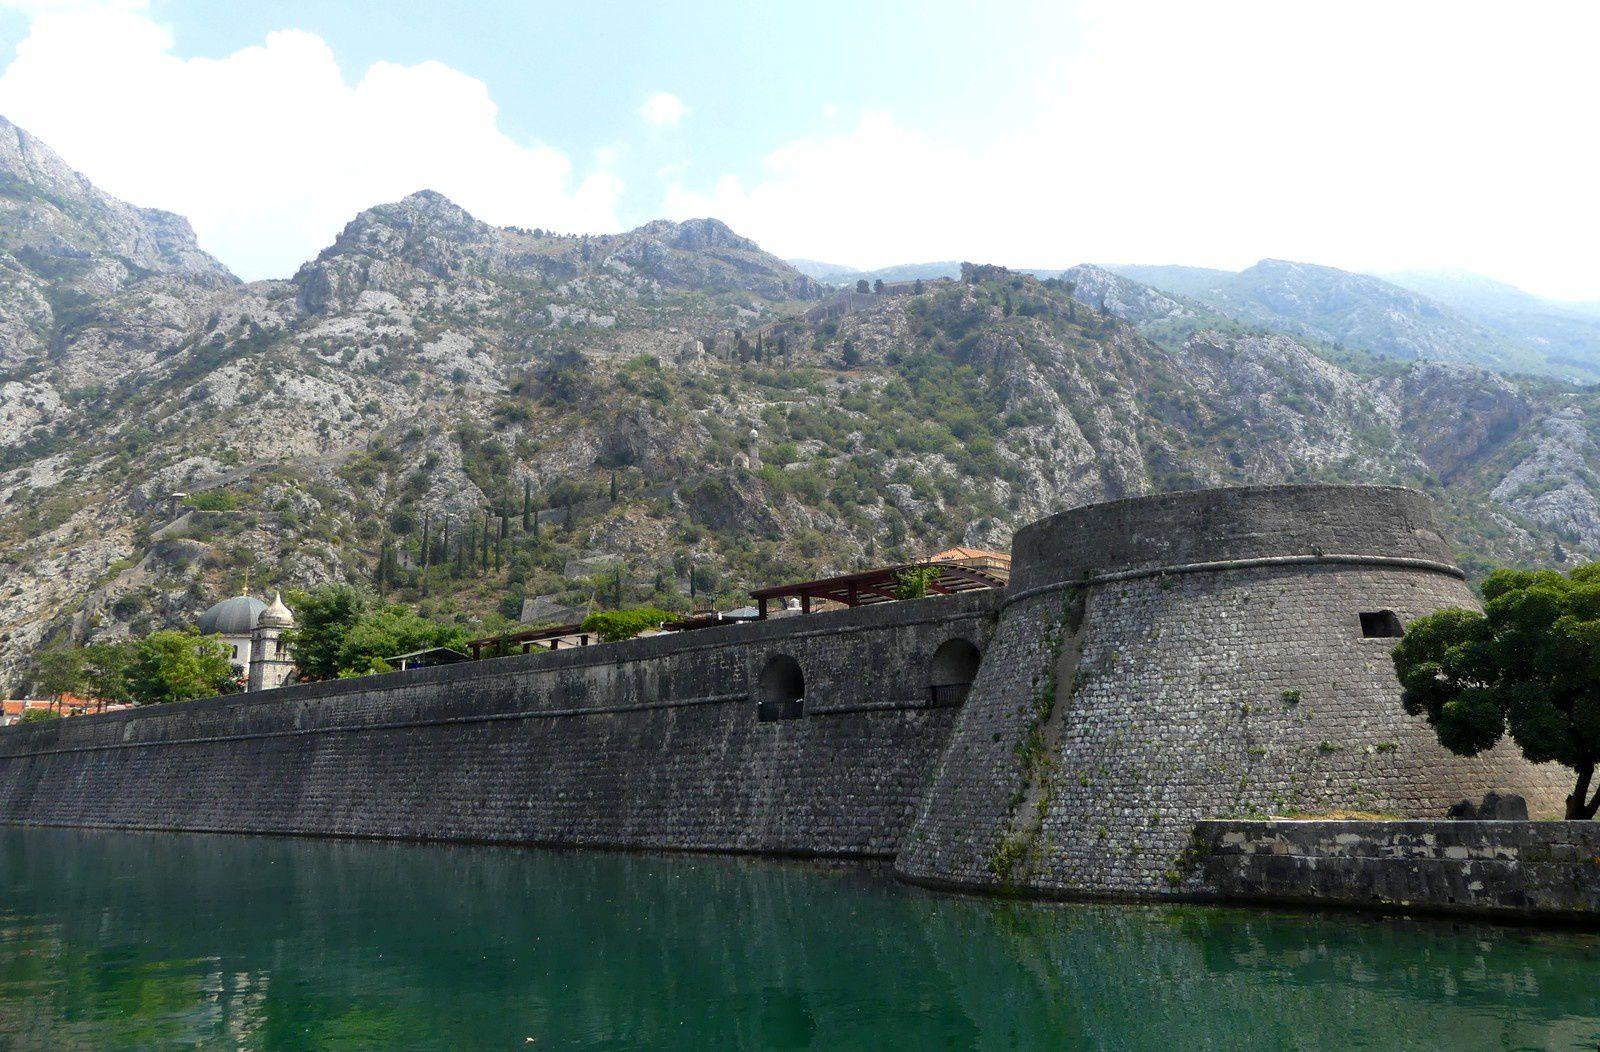 Le Monténégro, de Kotor au Durmitor